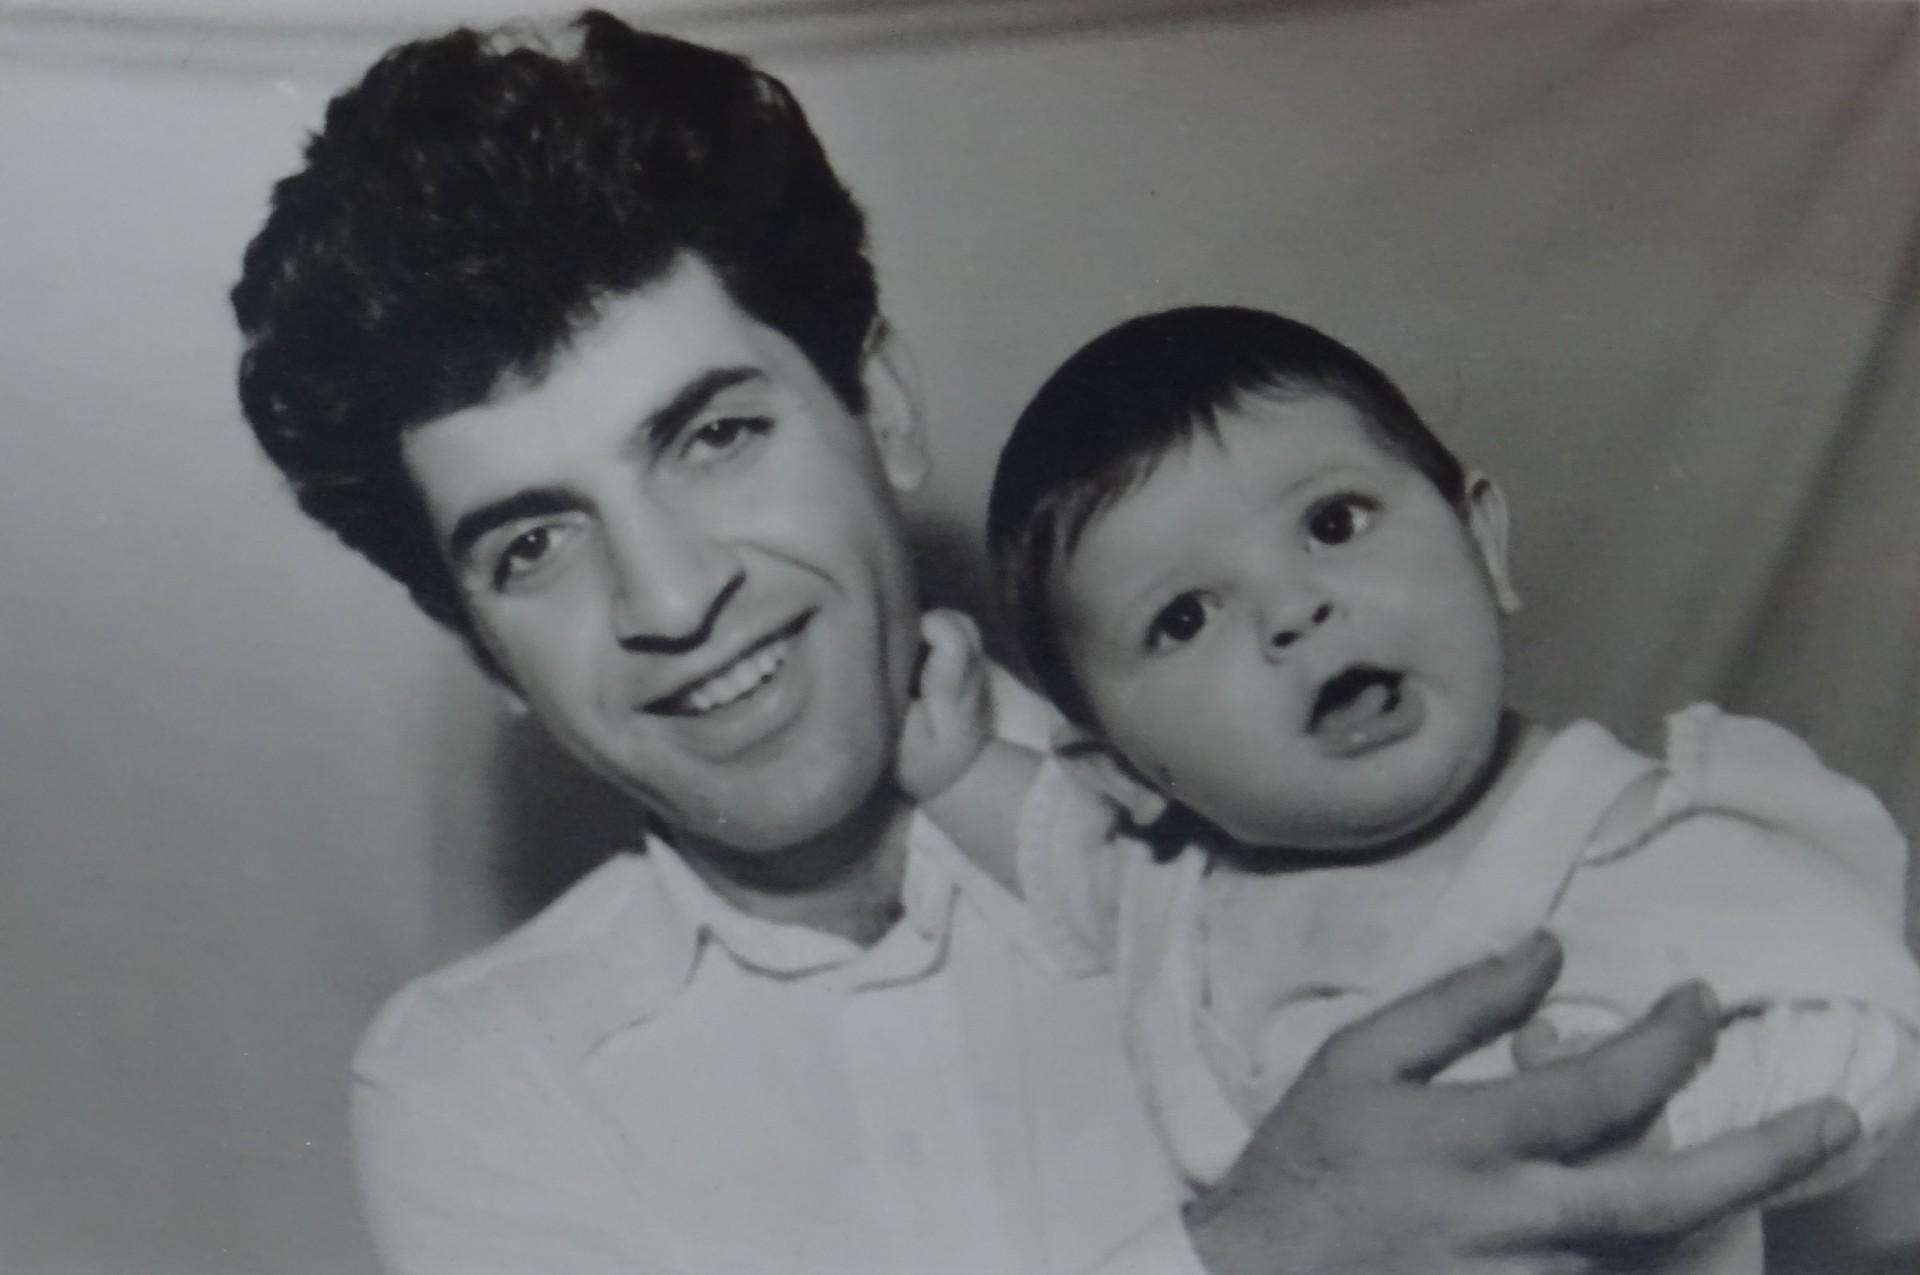 Экспонат #18. Юрий Николаевич с сыном Юрием. 1960 год